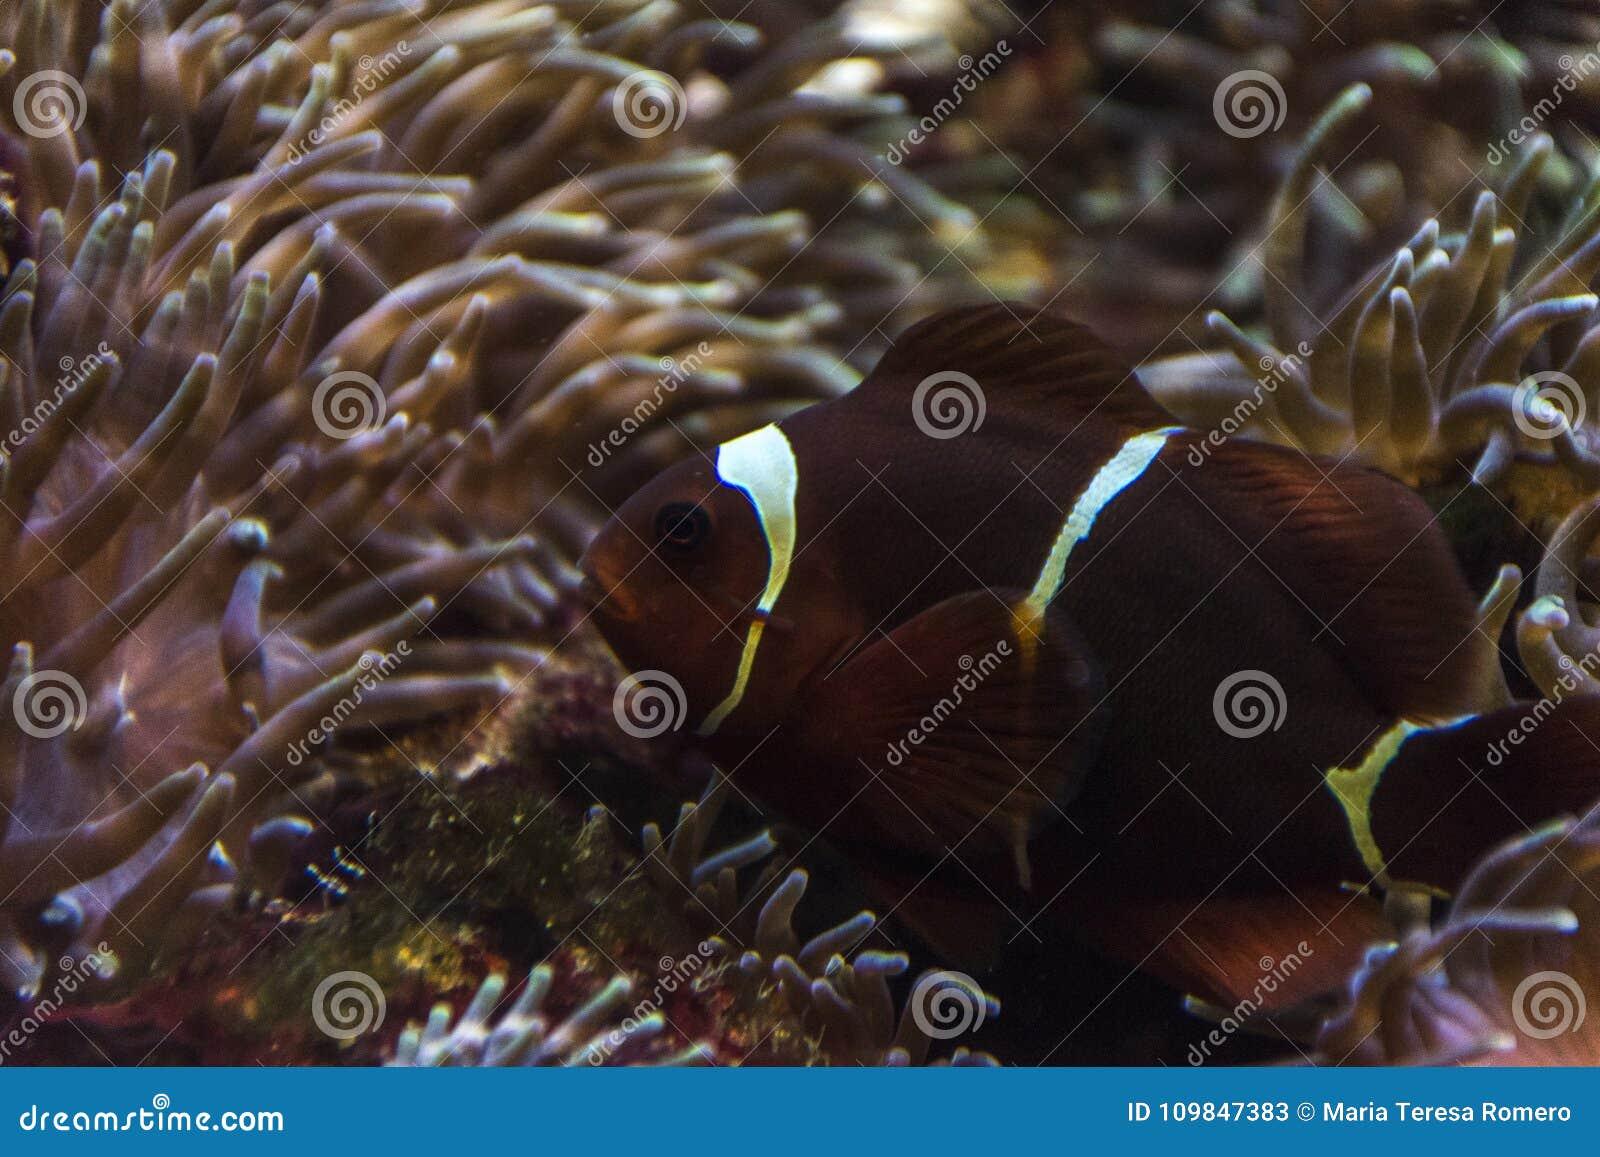 Clownfische unter Anemonen